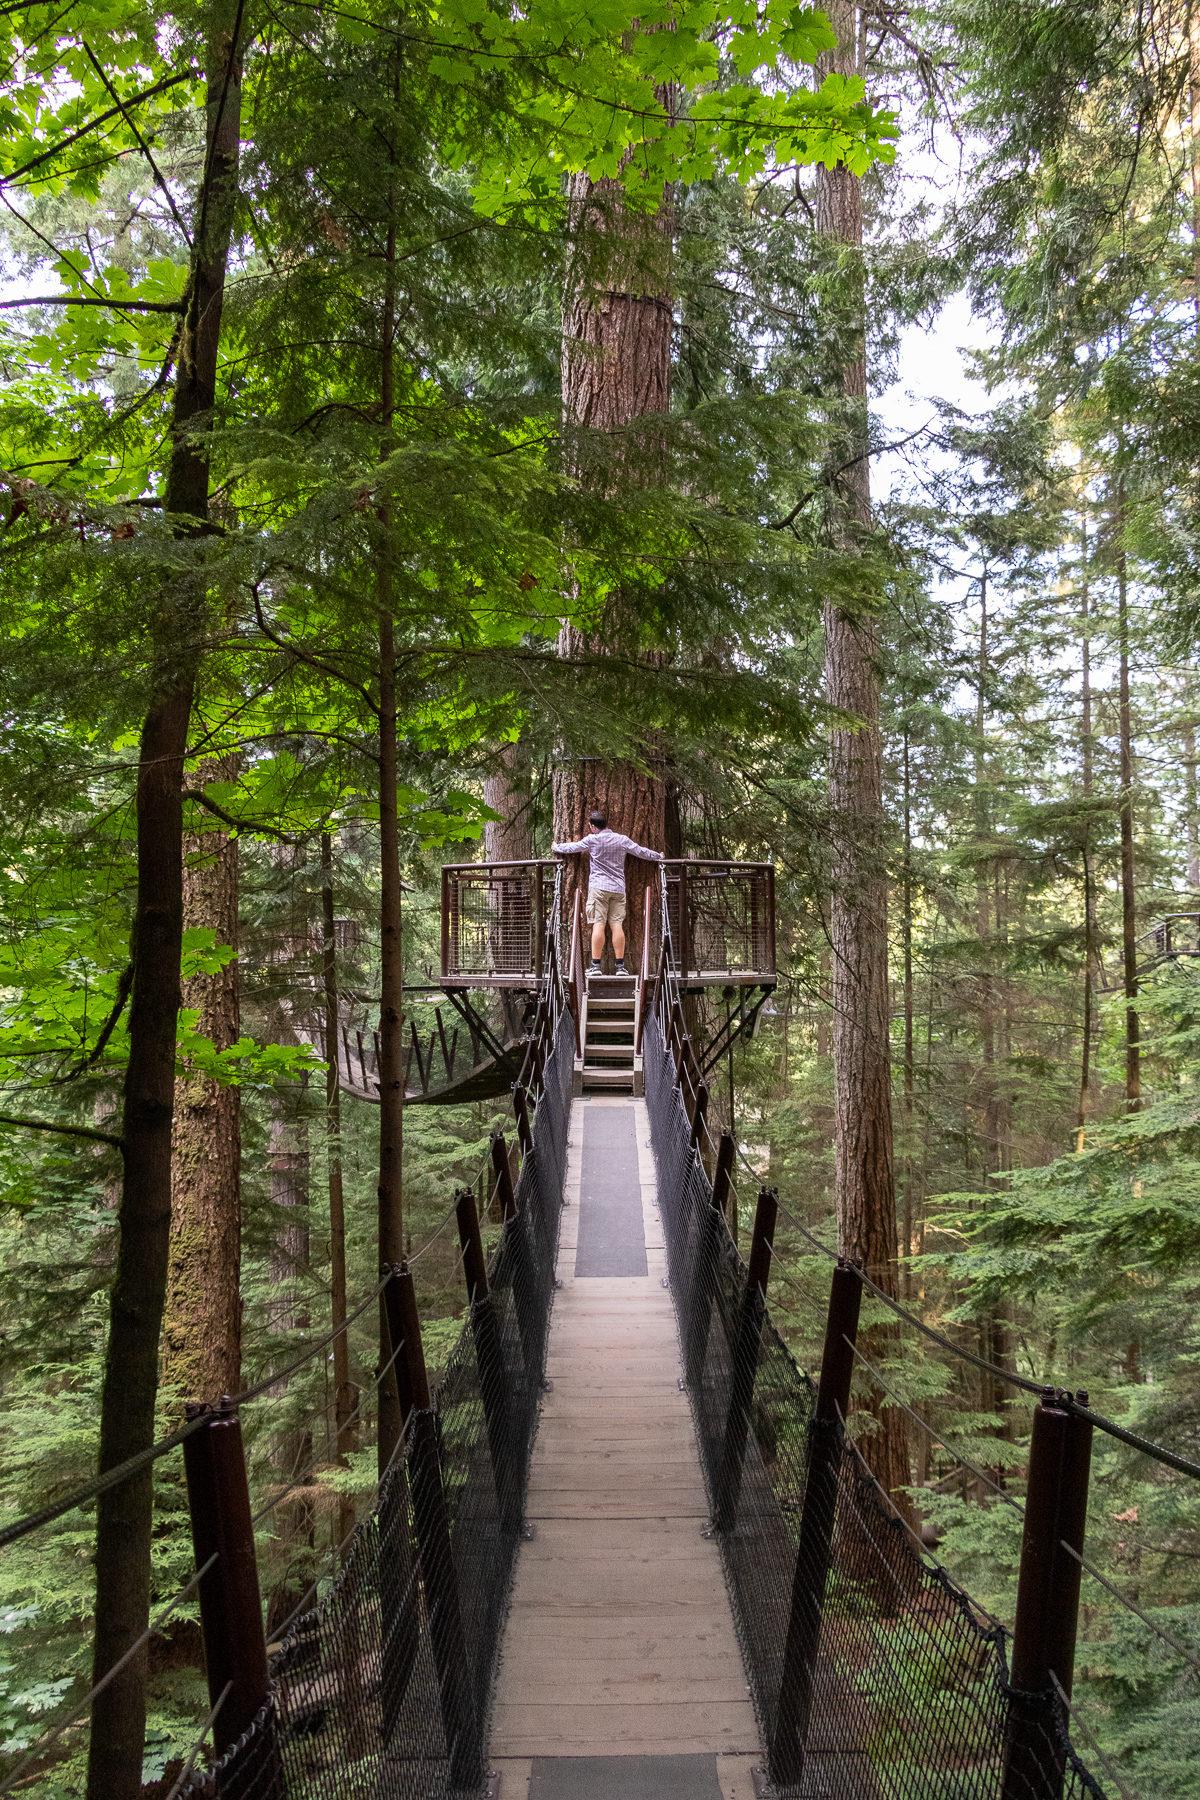 Zwischen mächtigen Douglas-Fichten wandert man auf etwa 30 Metern Höhe durch die Bäume und kommt hier wie Ben ganz in Kontakt mit der Natur.